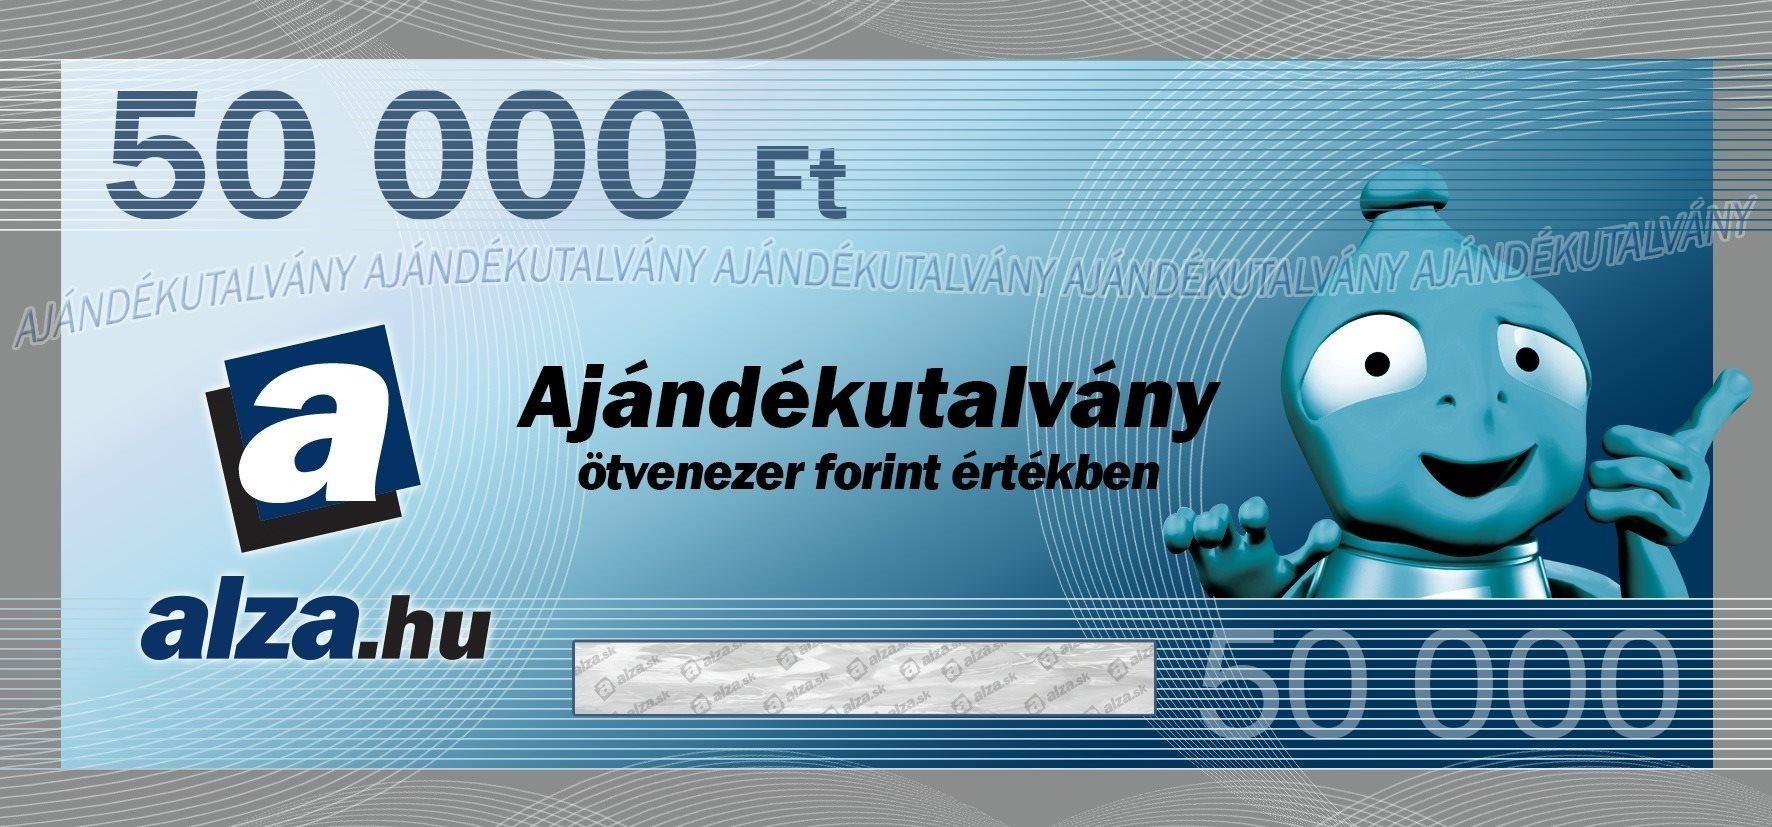 Elektronikus Alza.hu ajándékutalvány 50000 Ft értékben